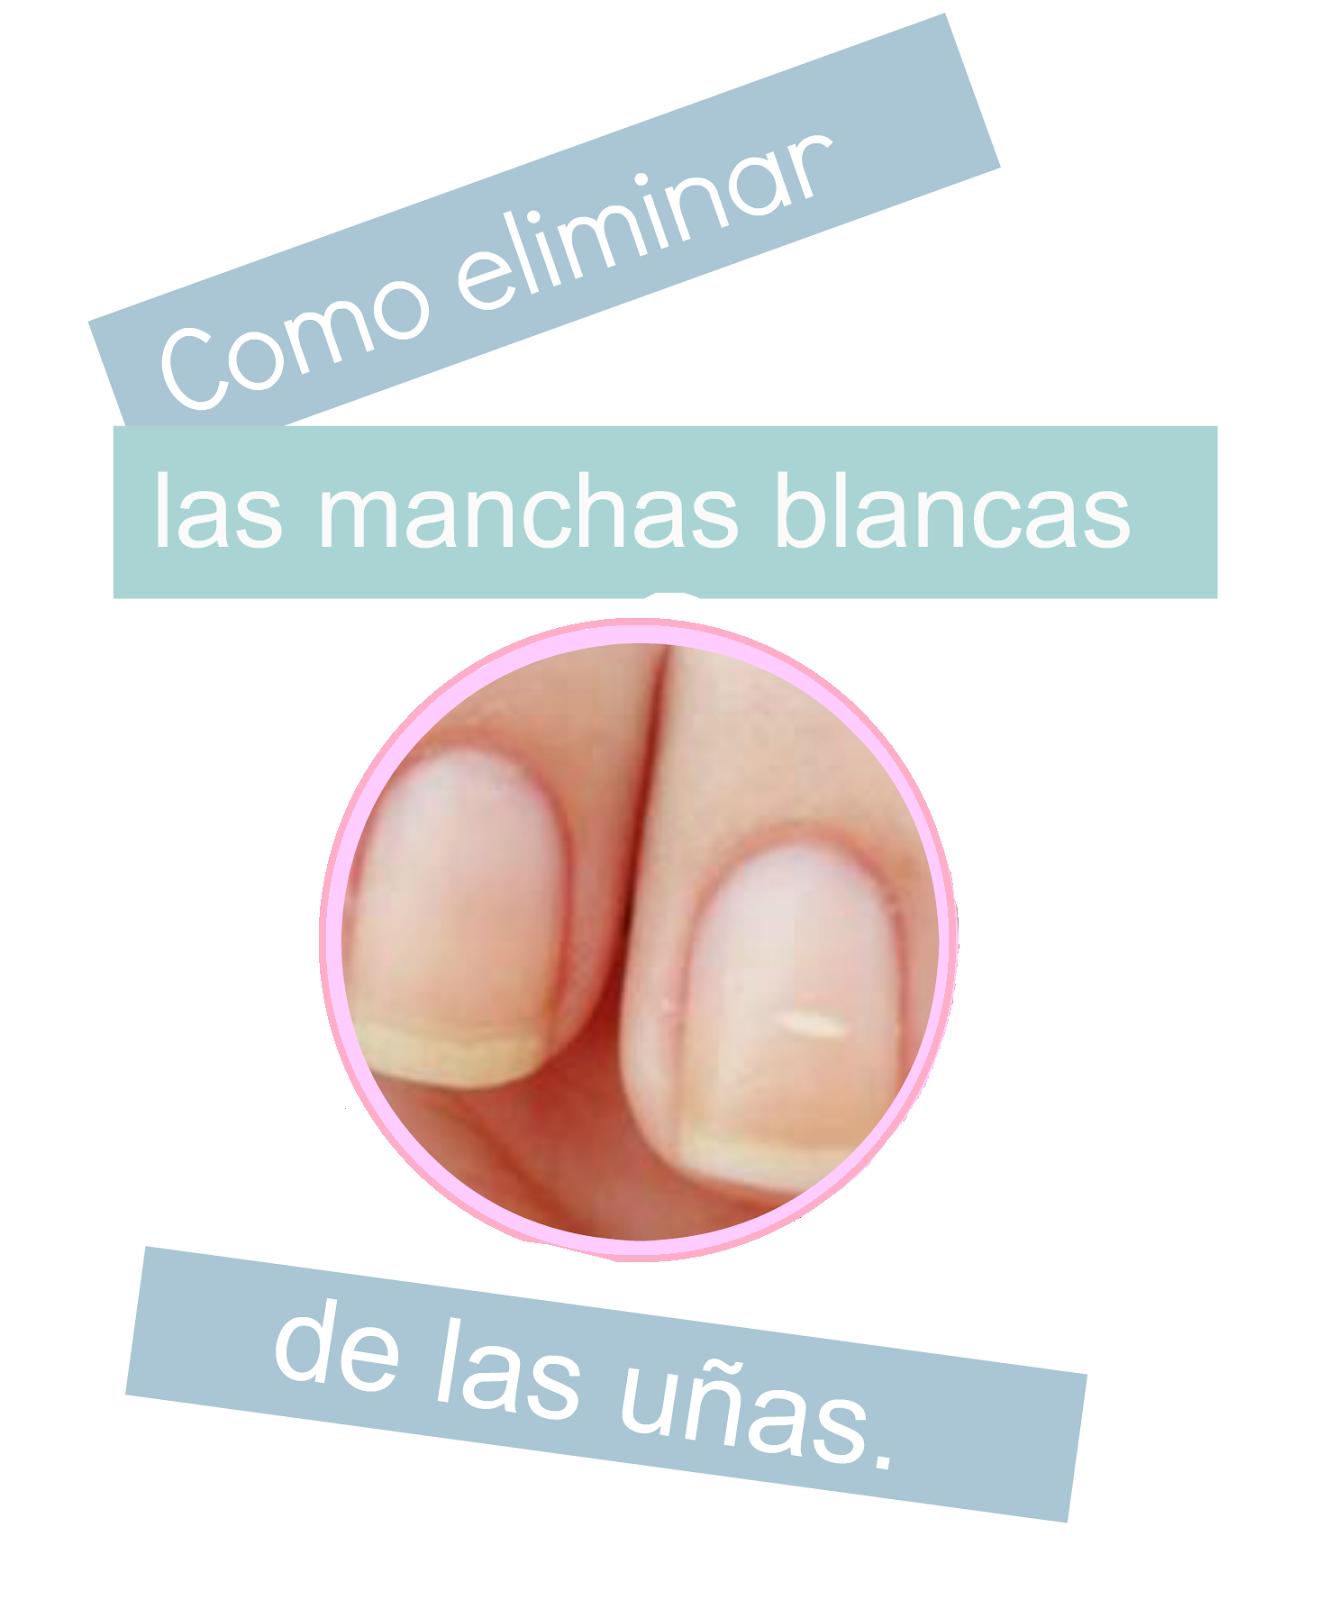 Como eliminar las manchas blancas de las uñas